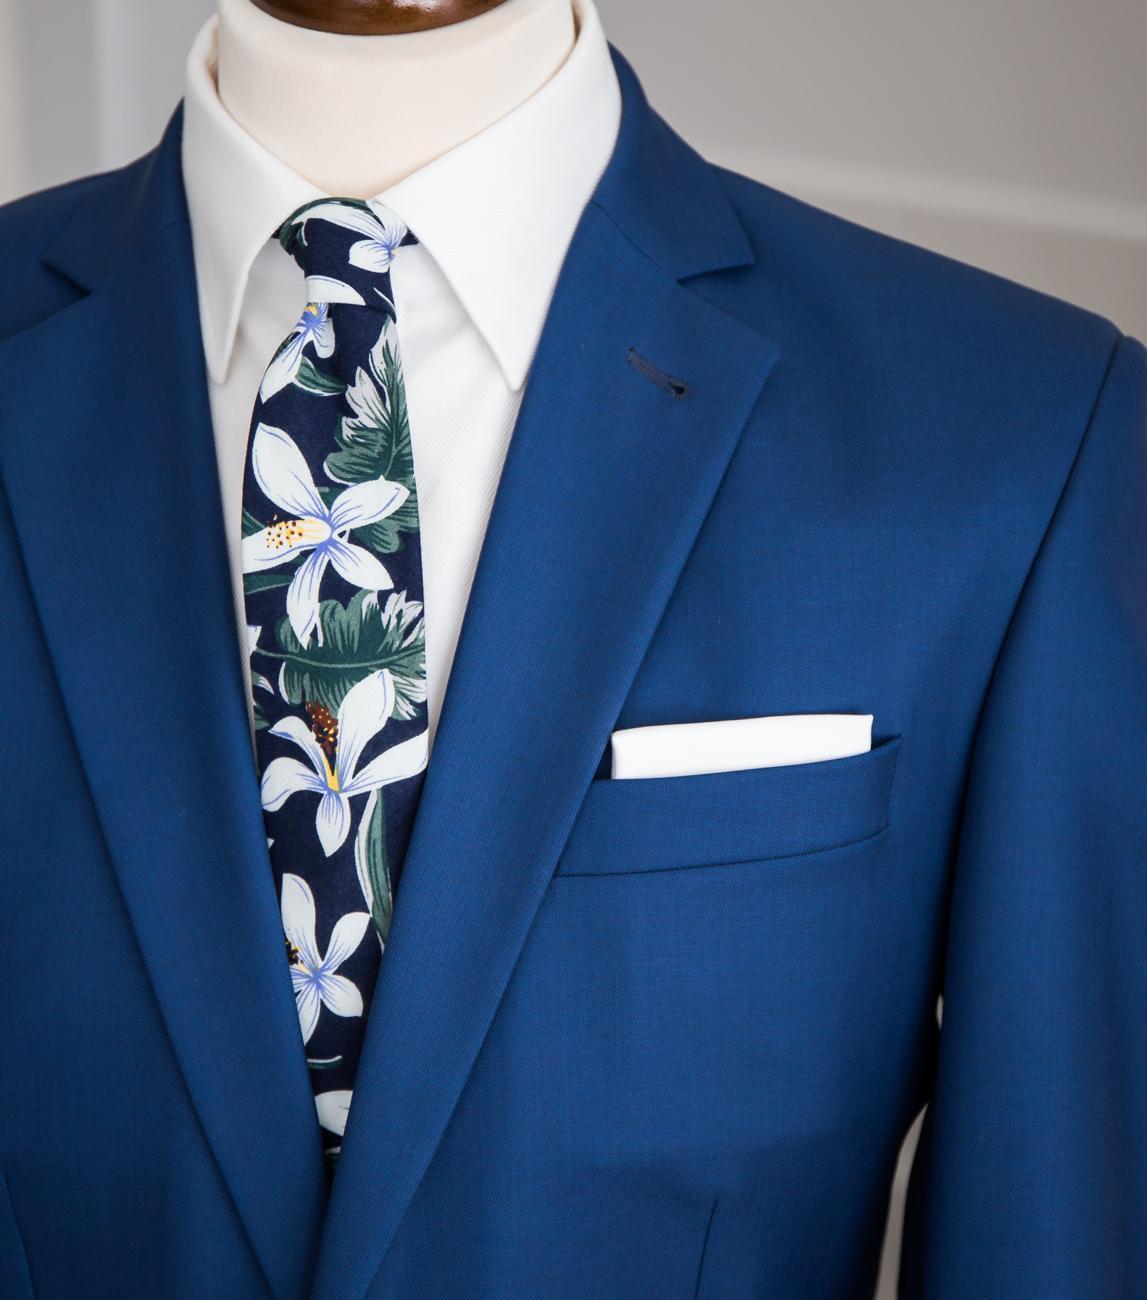 Tmavomodrá kravata s květy - Obrázek č. 2